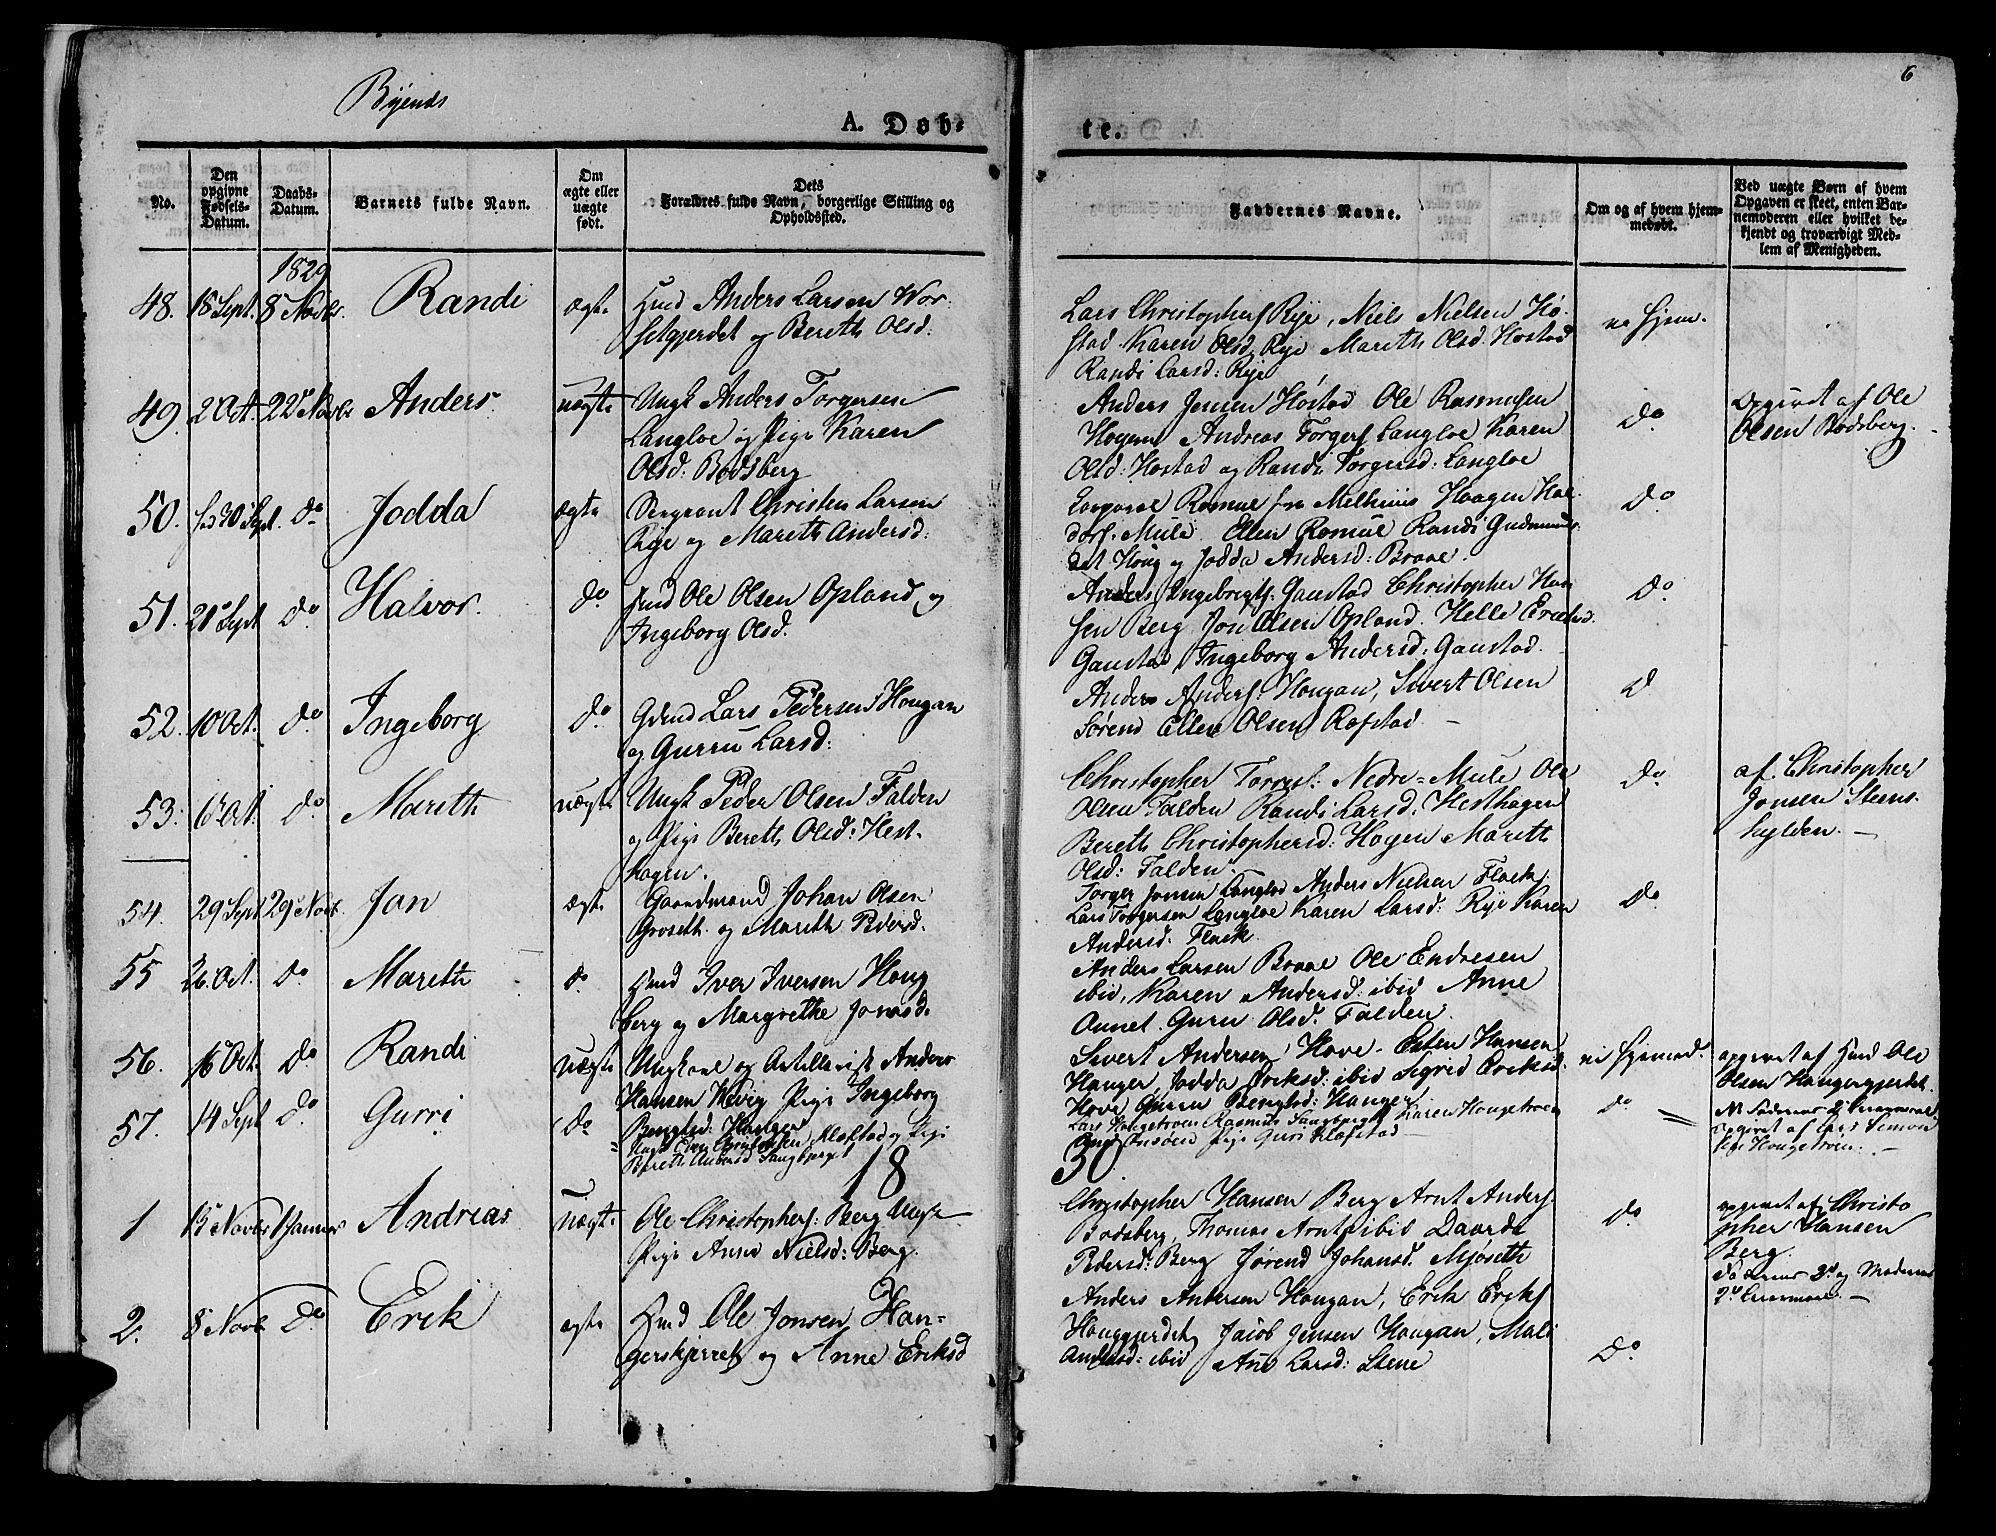 SAT, Ministerialprotokoller, klokkerbøker og fødselsregistre - Sør-Trøndelag, 612/L0374: Ministerialbok nr. 612A07 /1, 1829-1845, s. 6